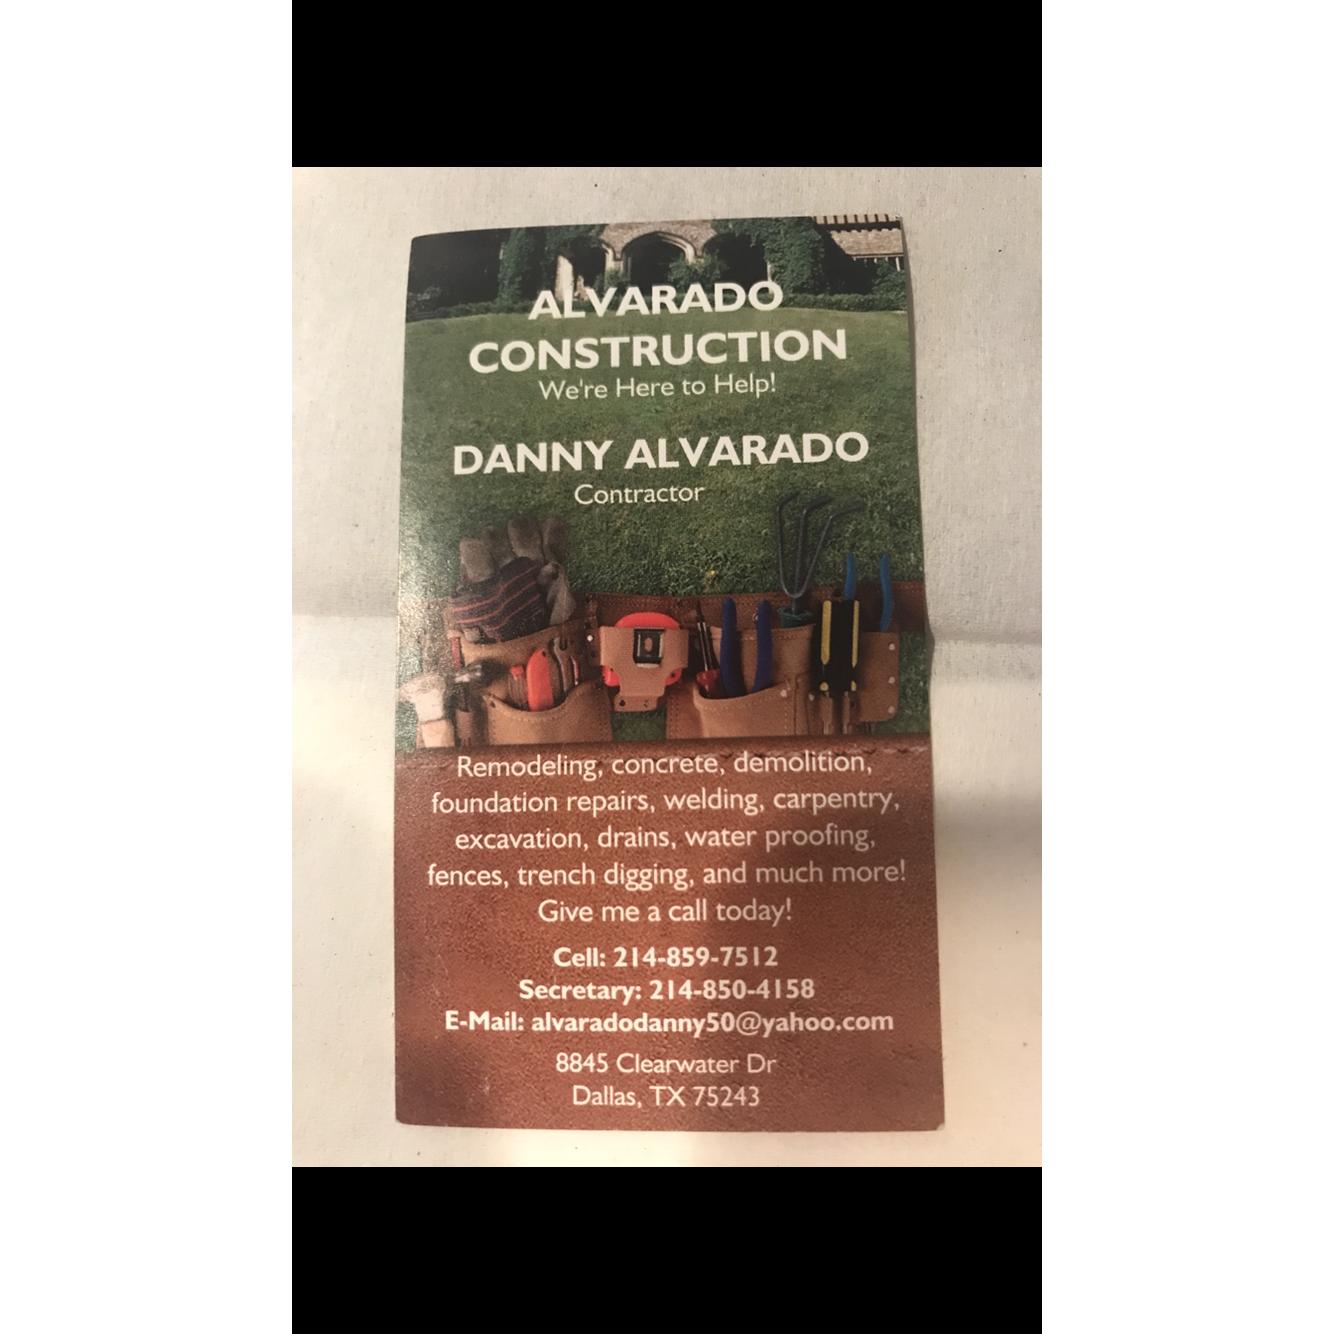 Alvarado Construction